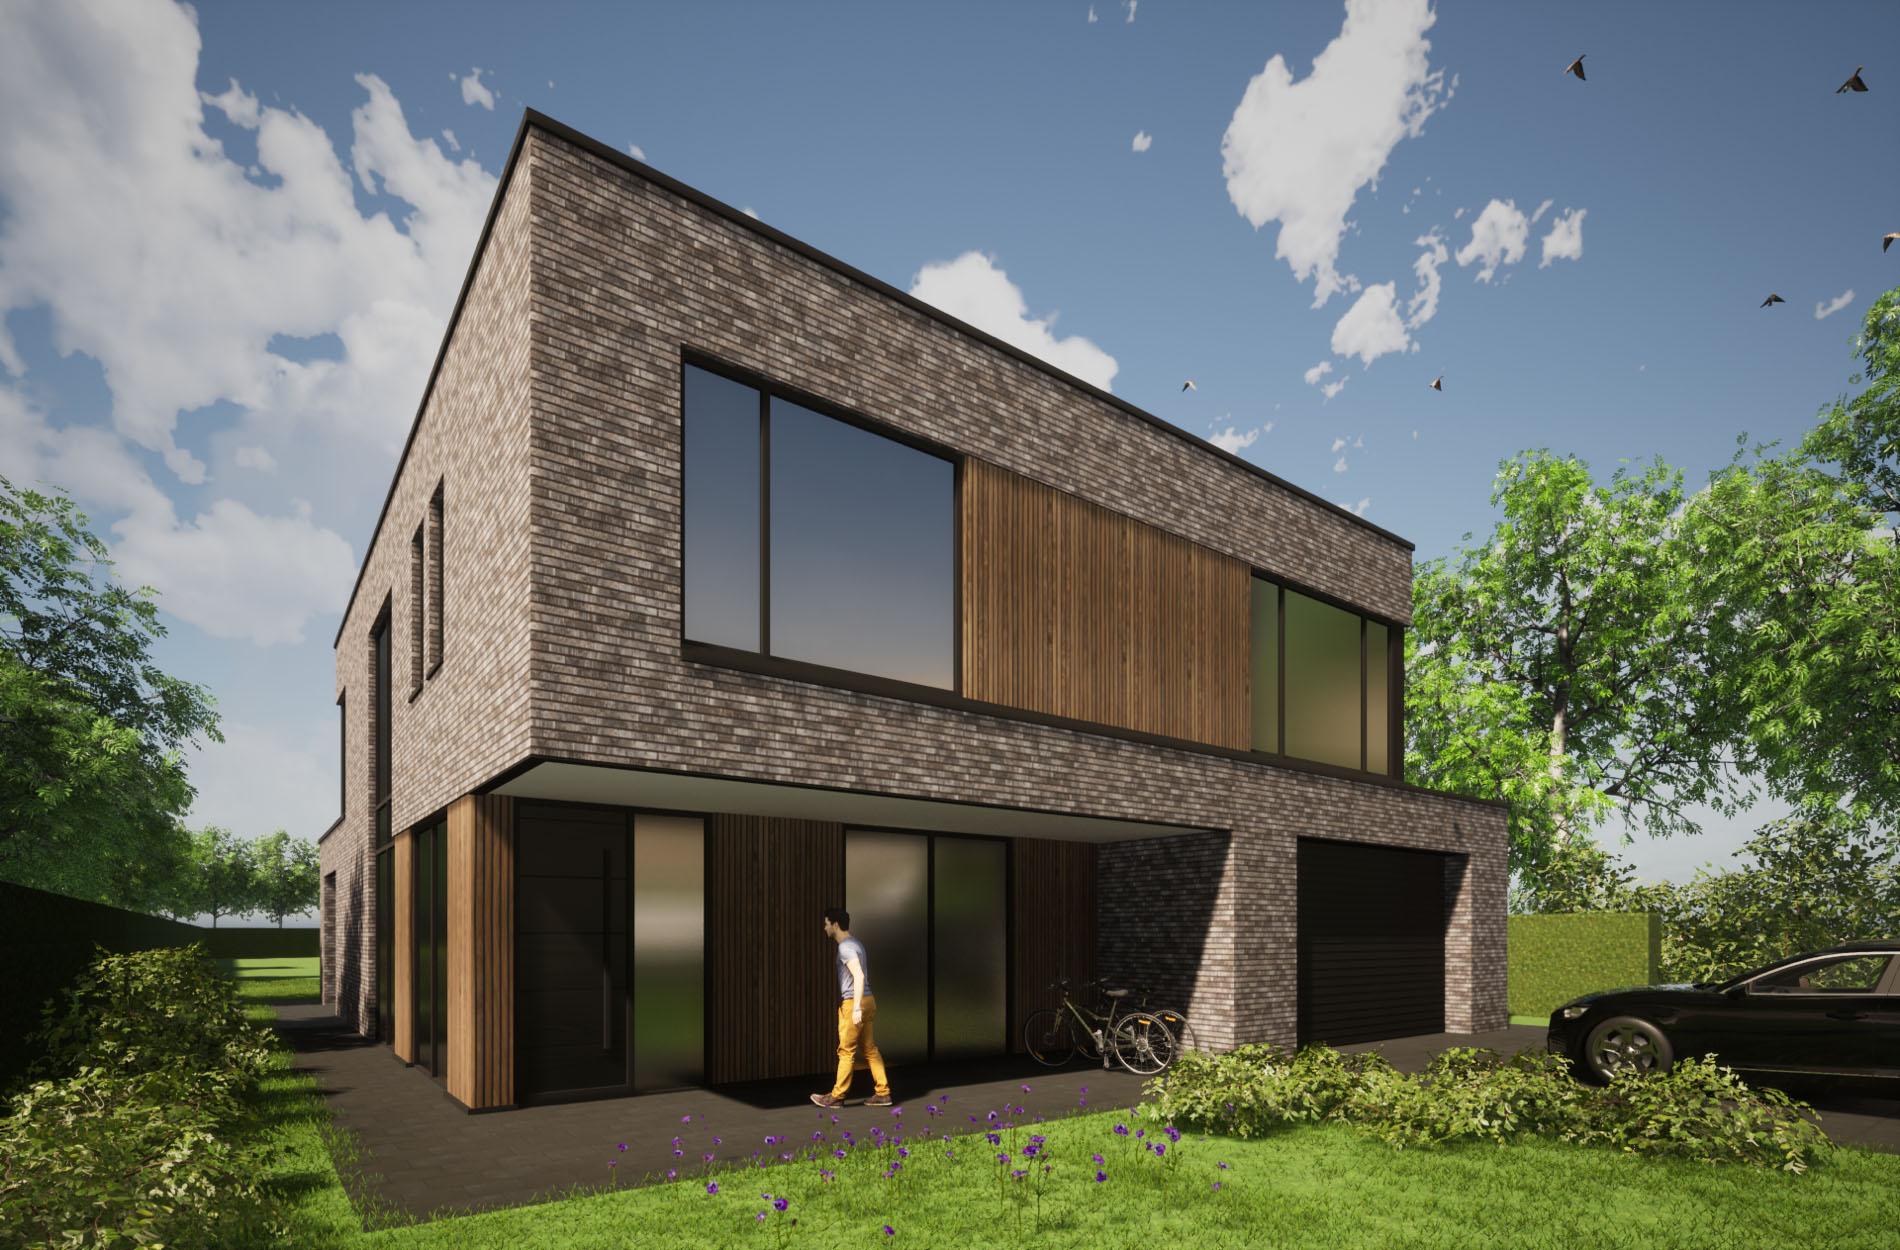 nieuwbouw villa kubistisch